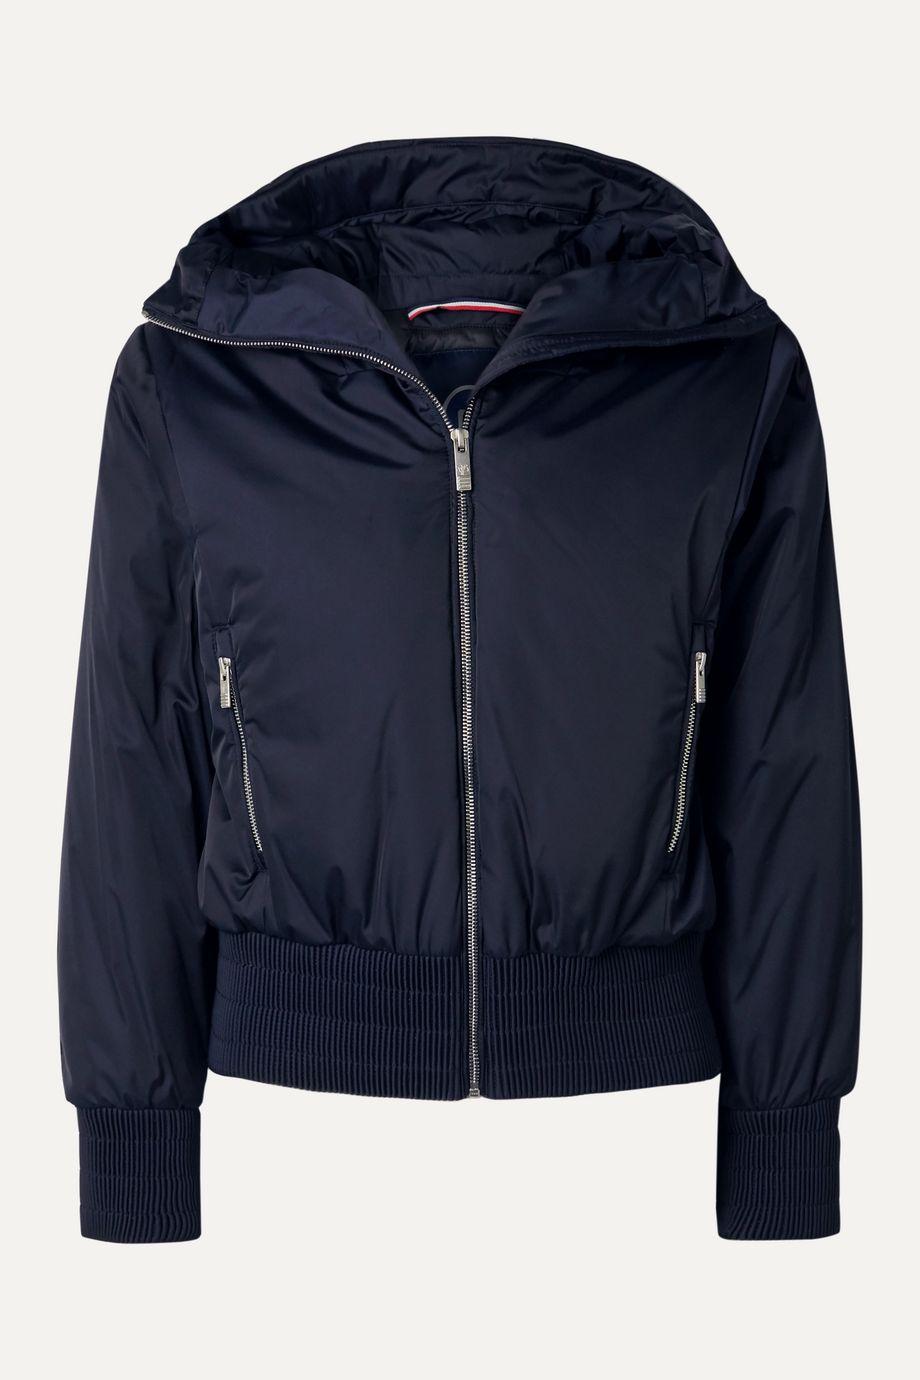 Fusalp Melly velvet-trimmed hooded ski jacket